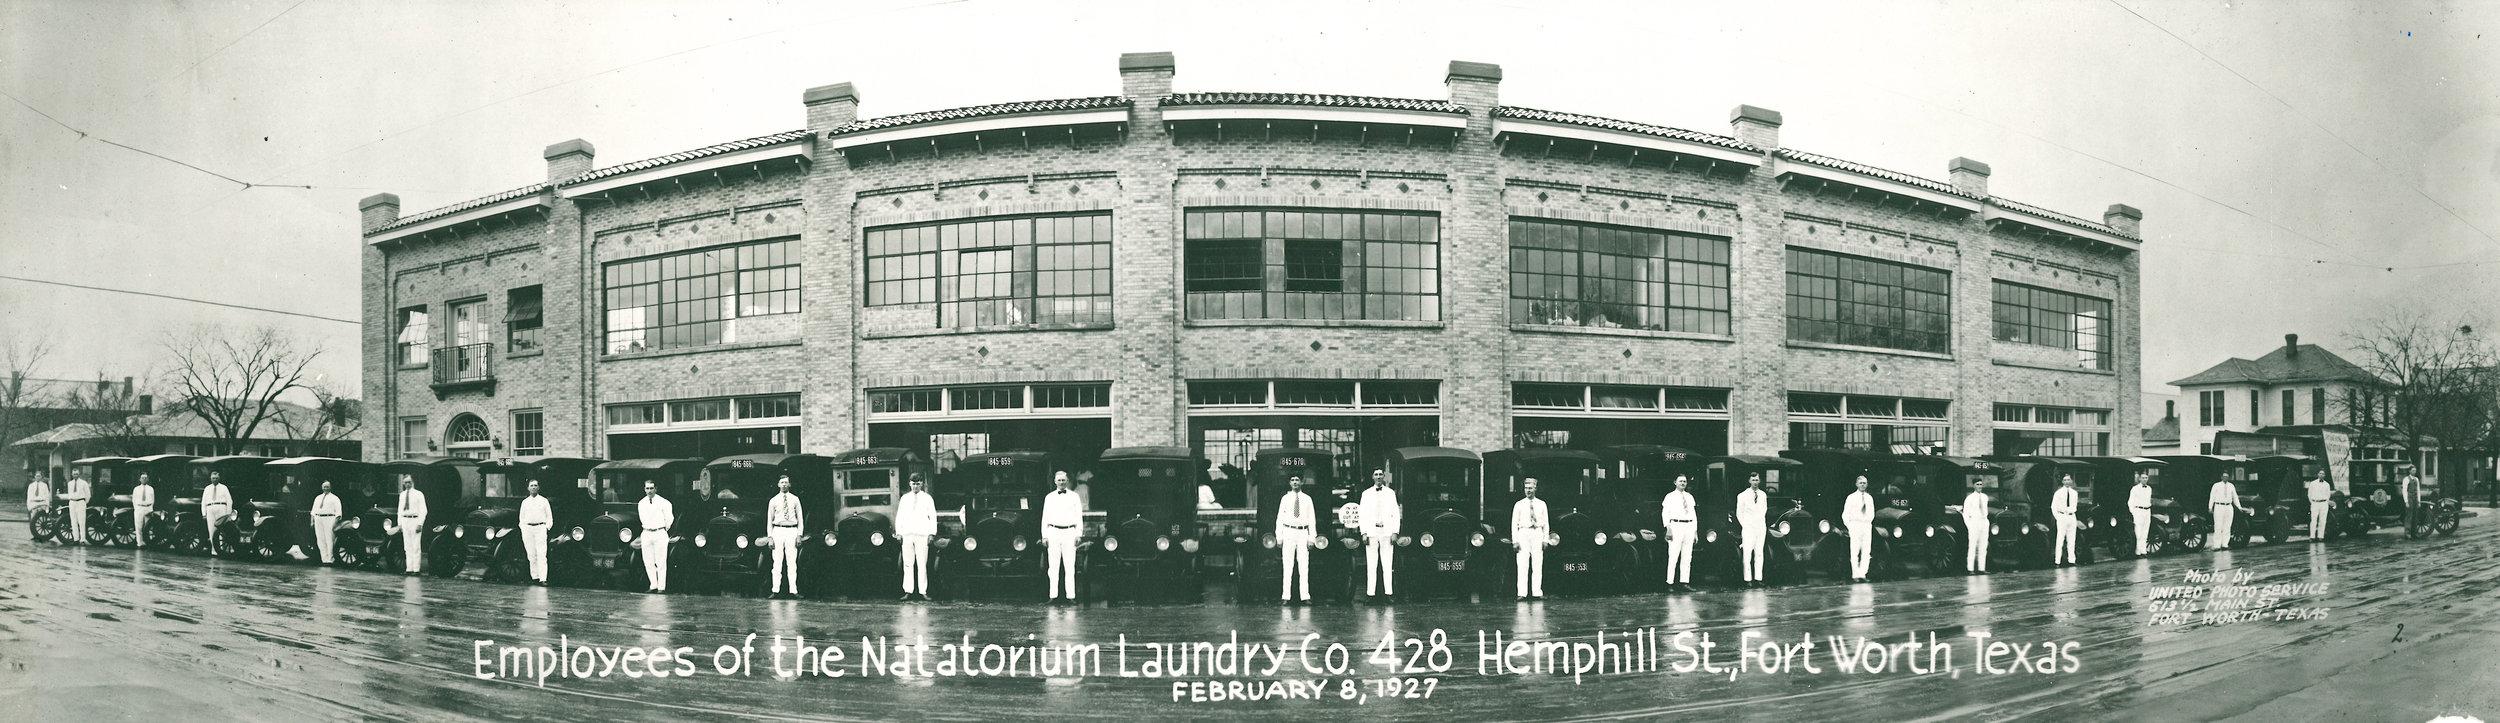 Laundry Historic Photo Fisheye.jpg